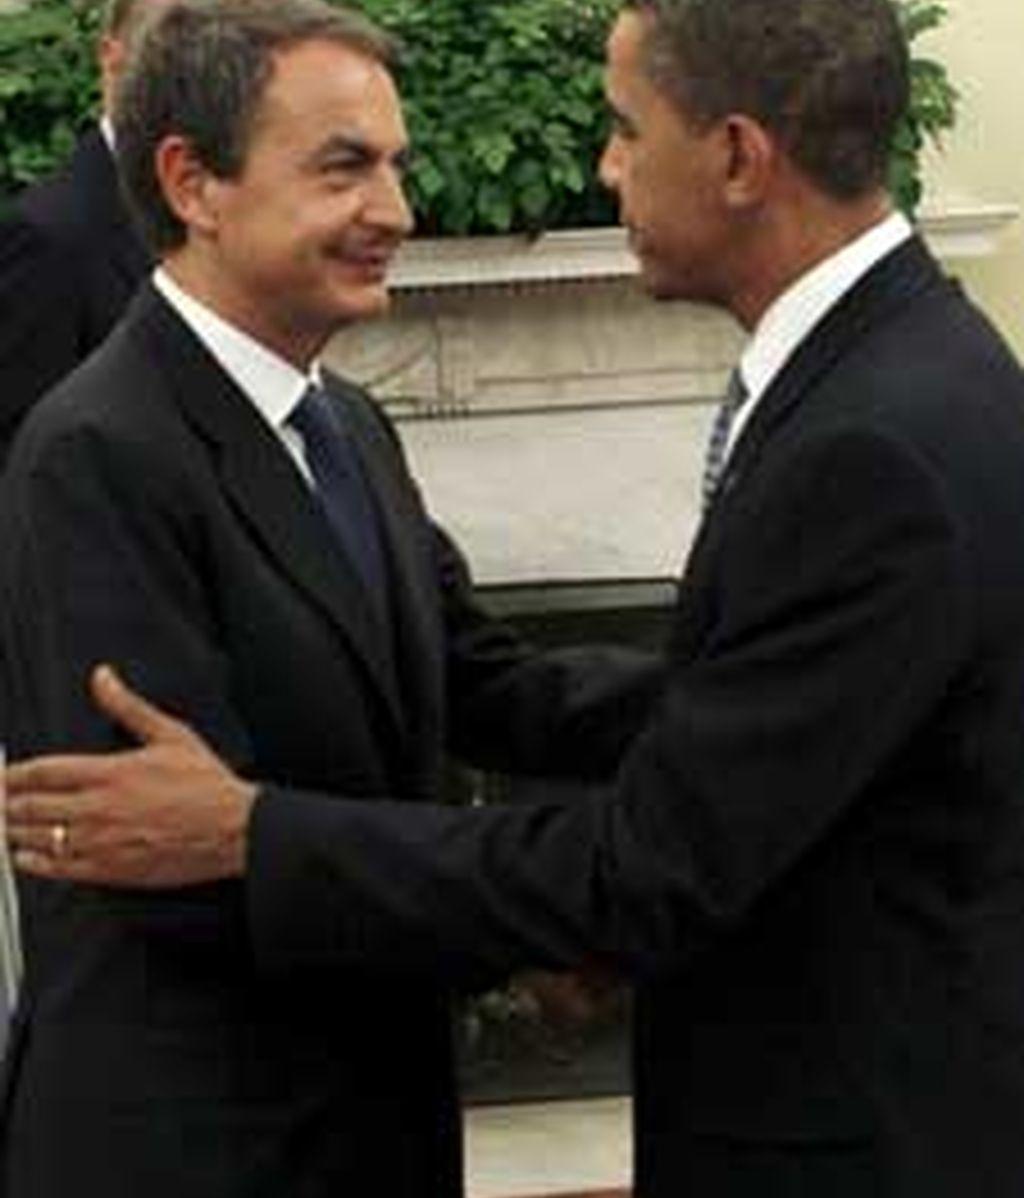 Obama saluda a Zapatero durante la visita del presidente español a la Casa Blanca el pasado 13 de octubre. Foto: EFE